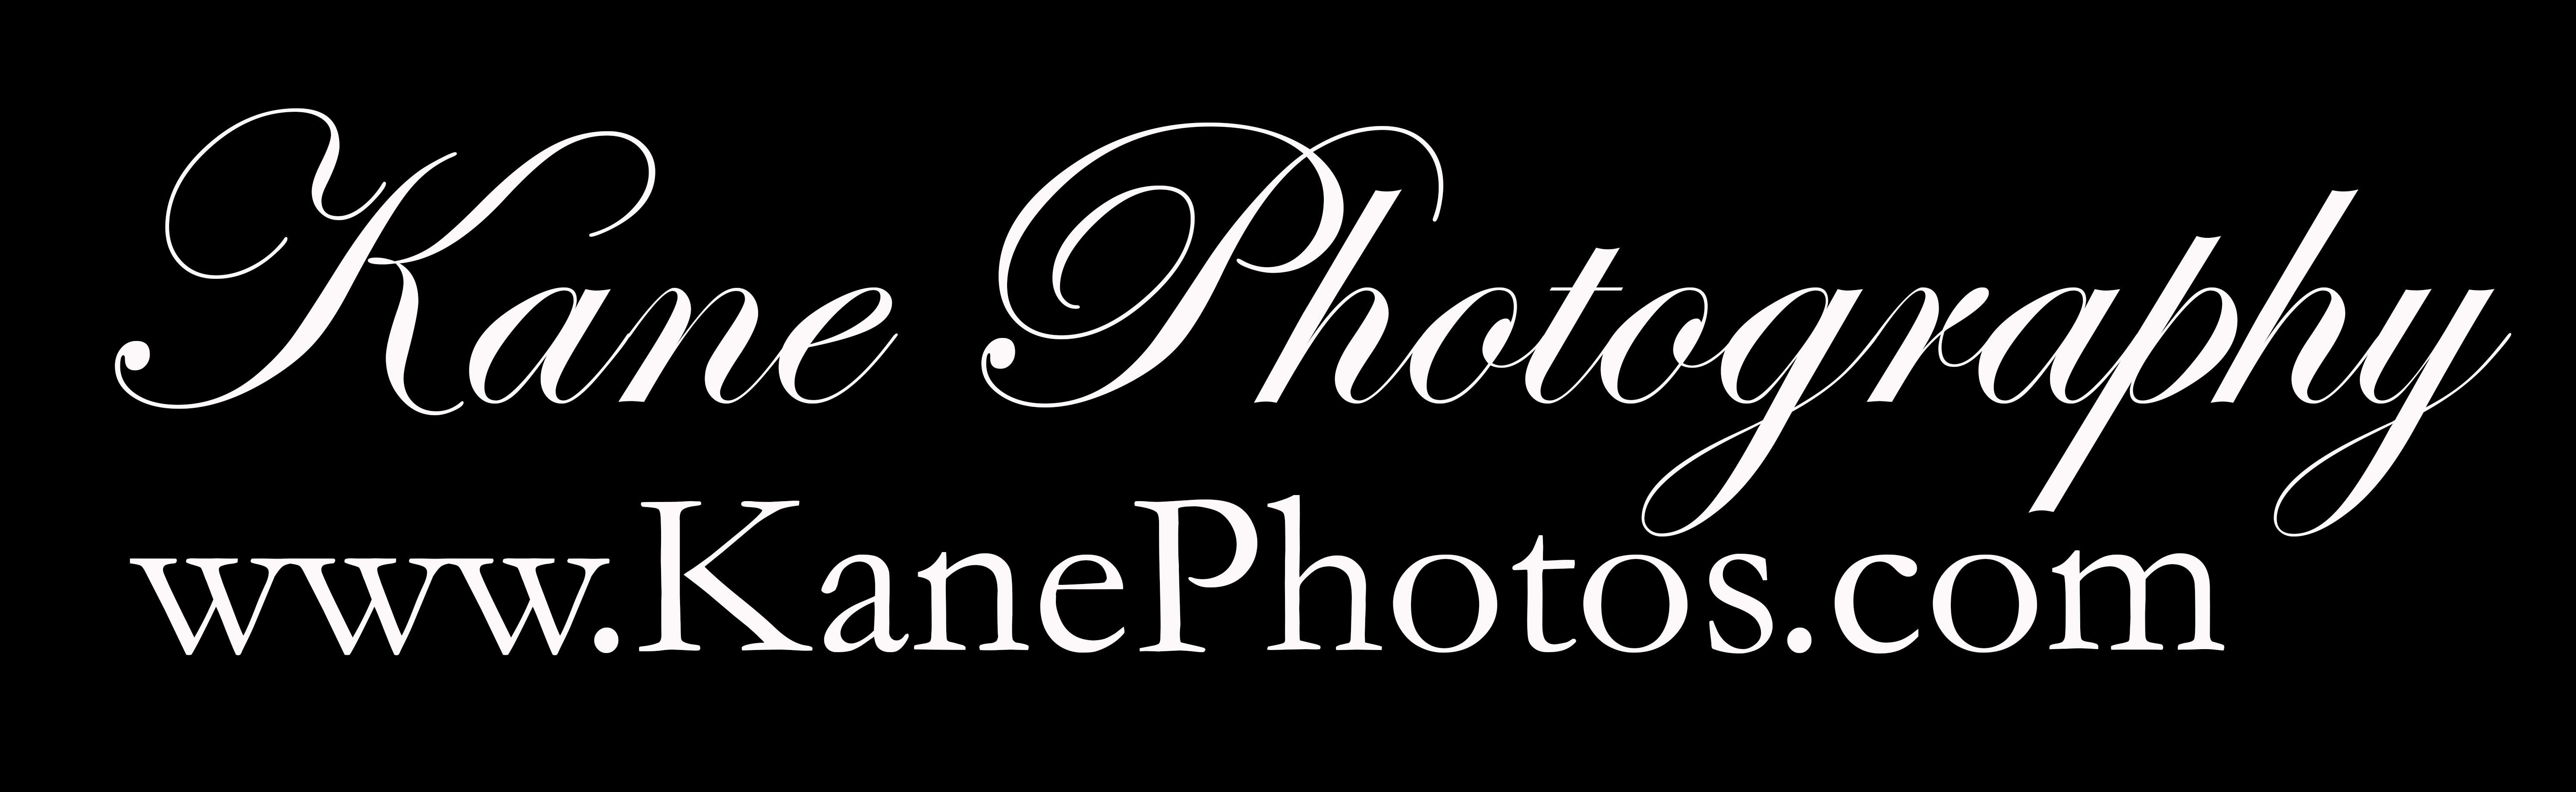 Kane Photography